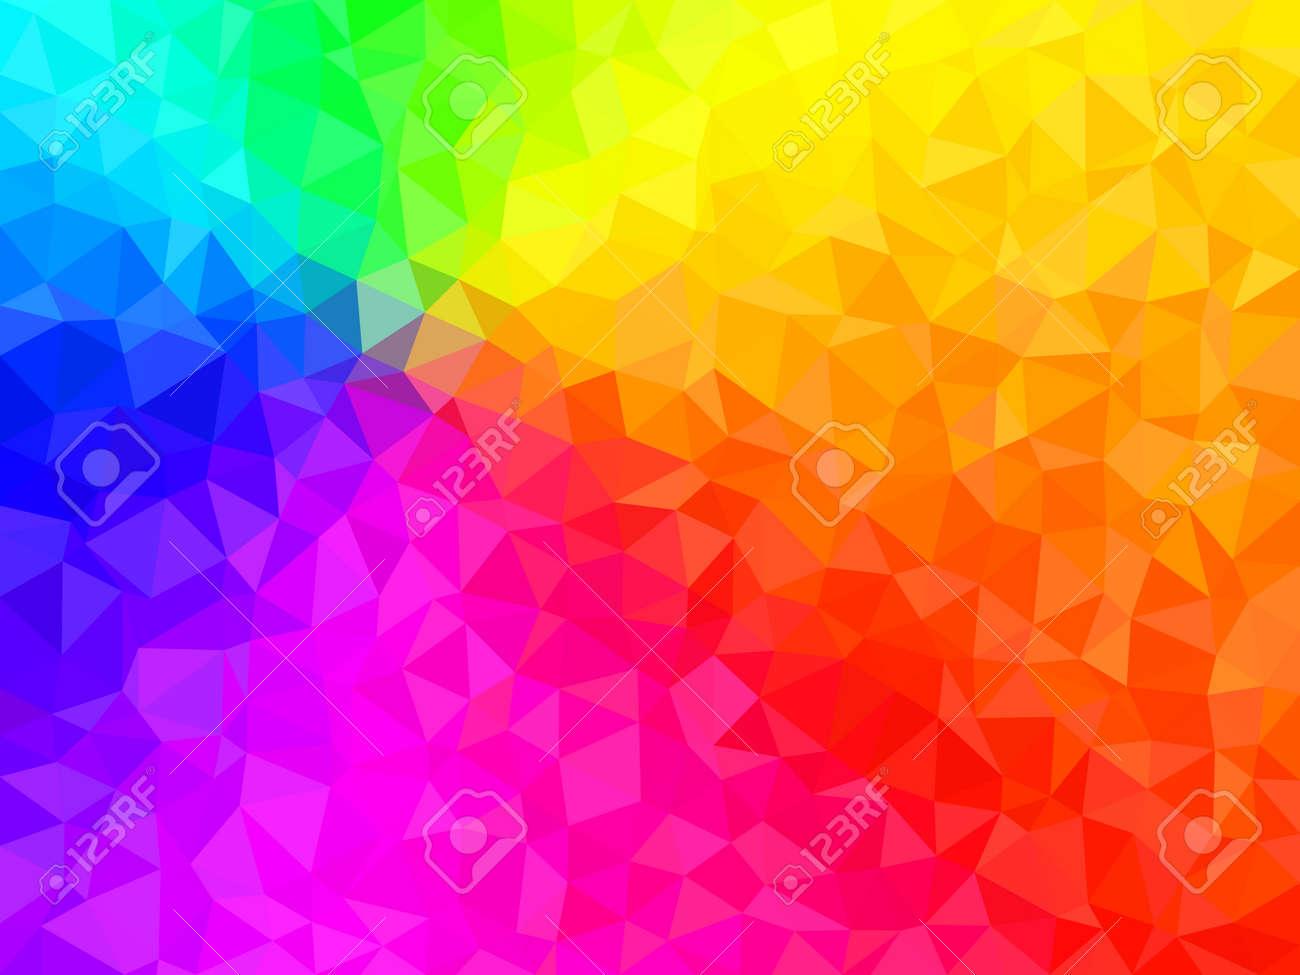 Resume De Fond Formes Geometriques Colorees Polygonal Vecteur Texture Couleurs Du Spectre Arc Clip Art Libres De Droits Vecteurs Et Illustration Image 61610729